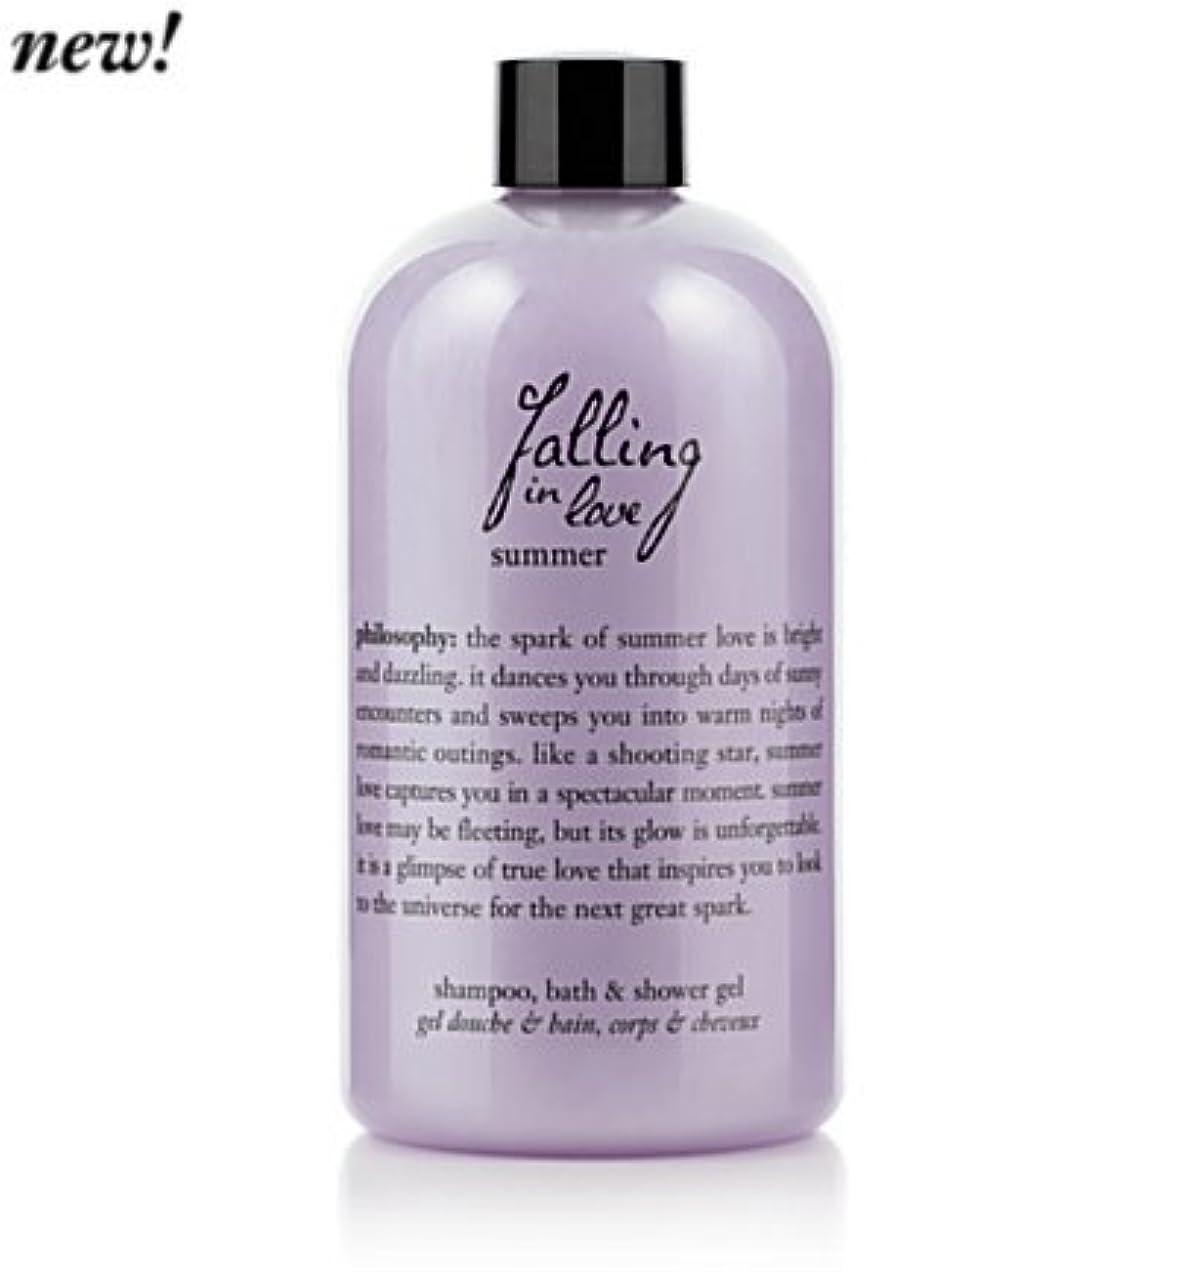 チーム病気の告発falling in love summer (フォーリングインラブサマー) 16.0 oz (480ml) bath & shower gel for Women